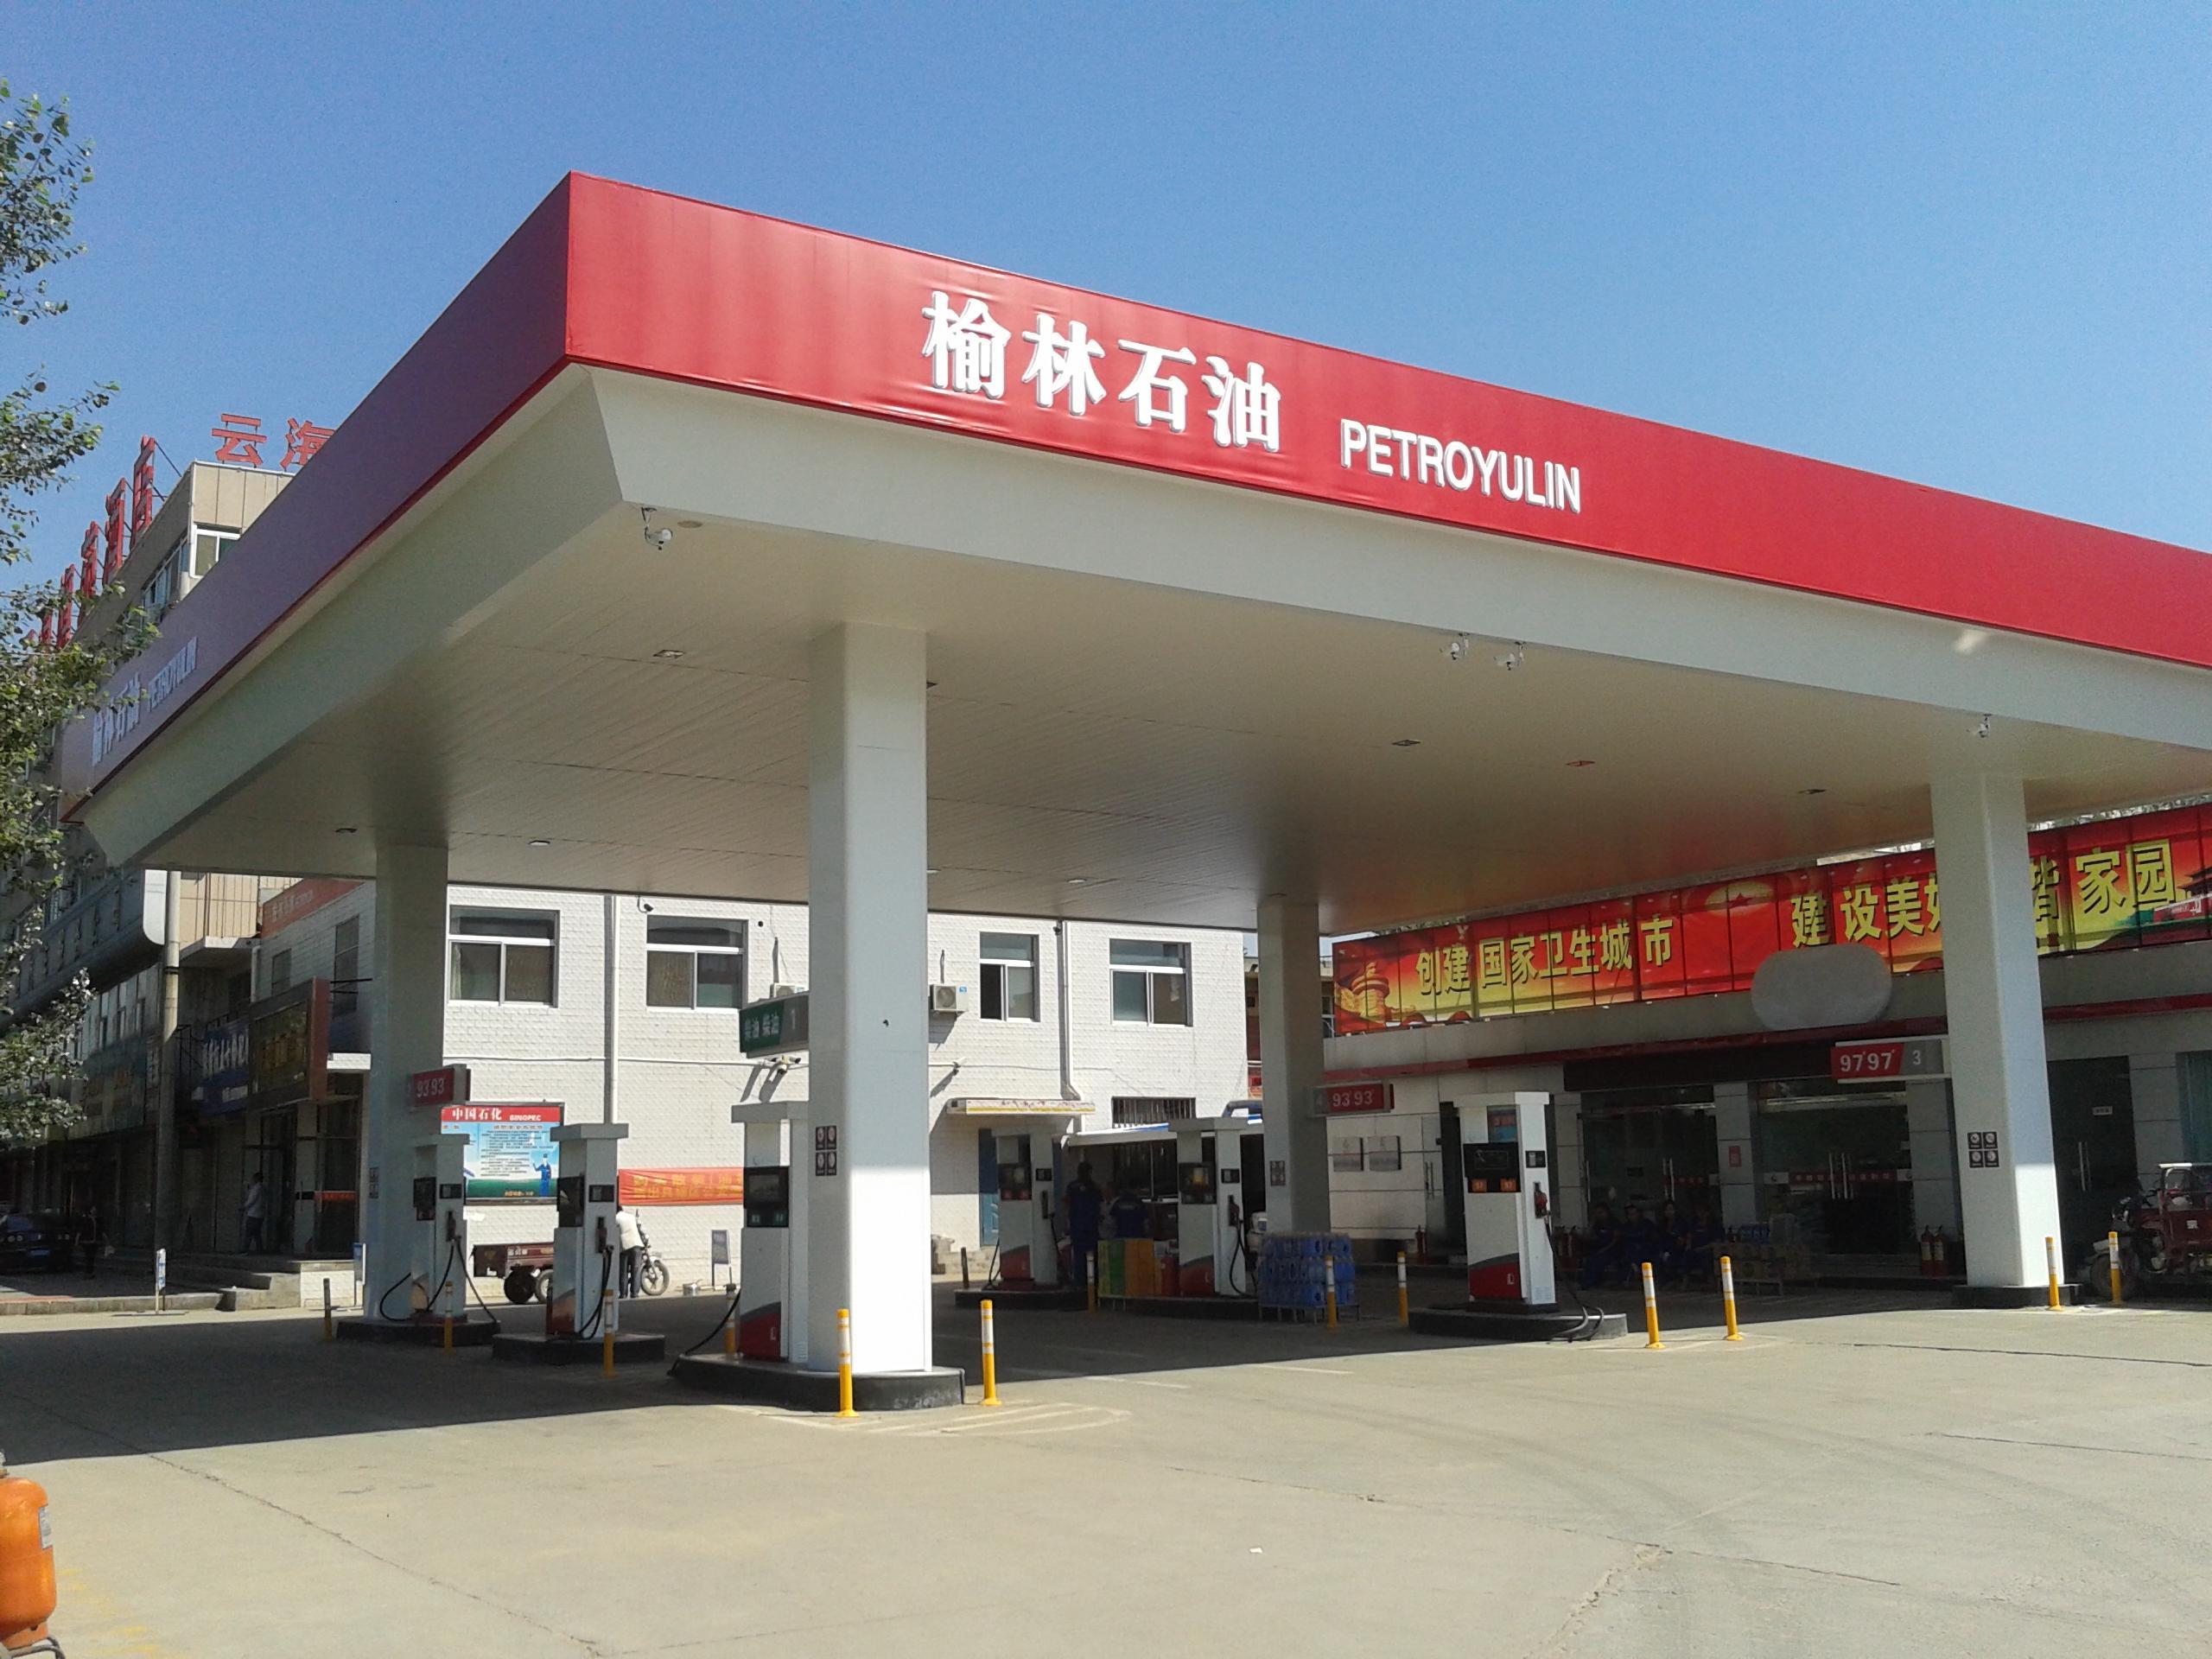 提供加油站信息